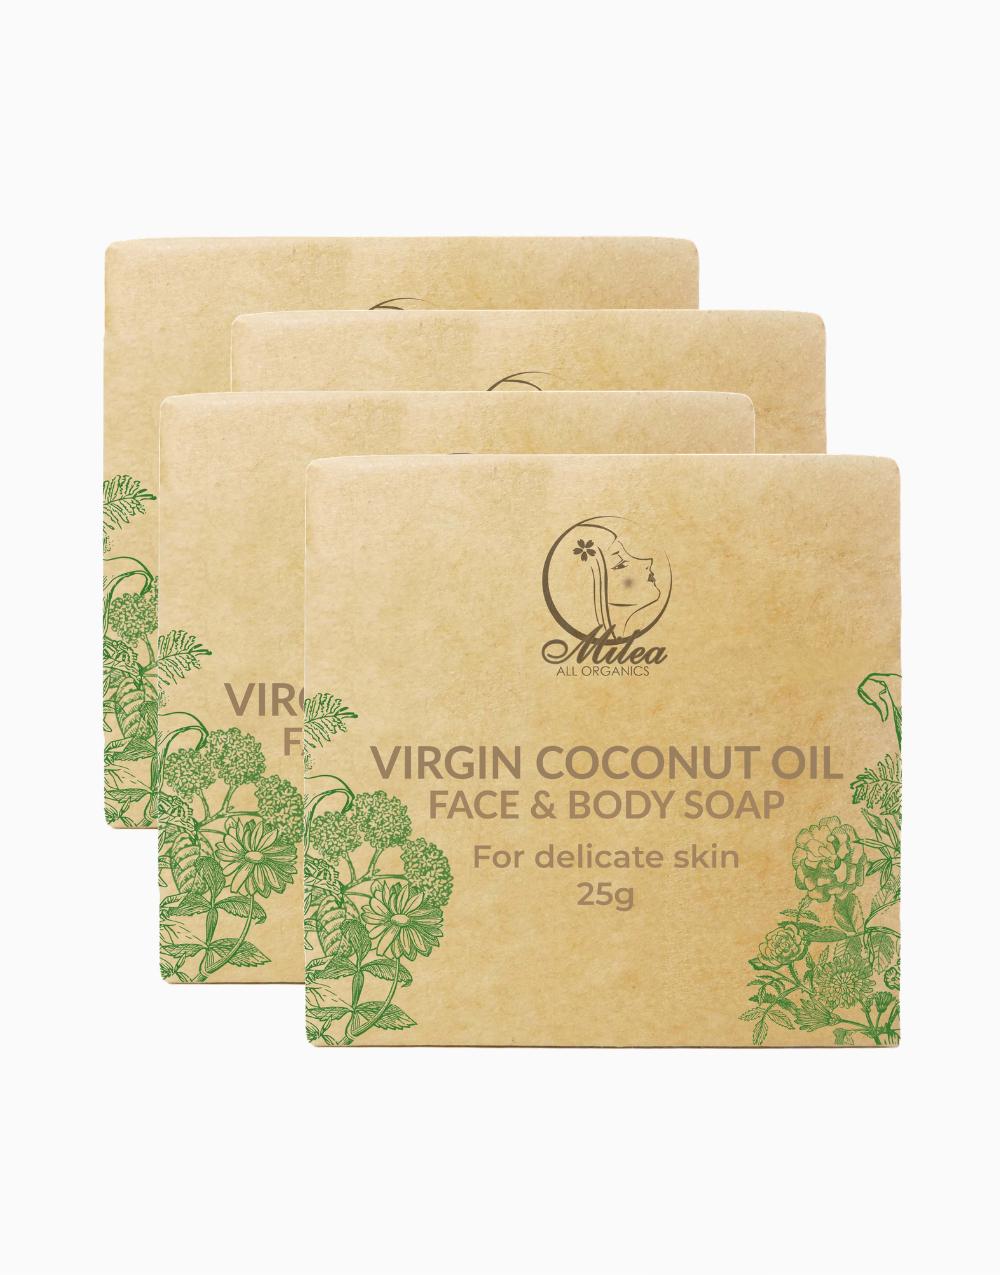 Virgin Coconut Oil with Coco Cream Soap (25g x 4 Pcs.) by Milea